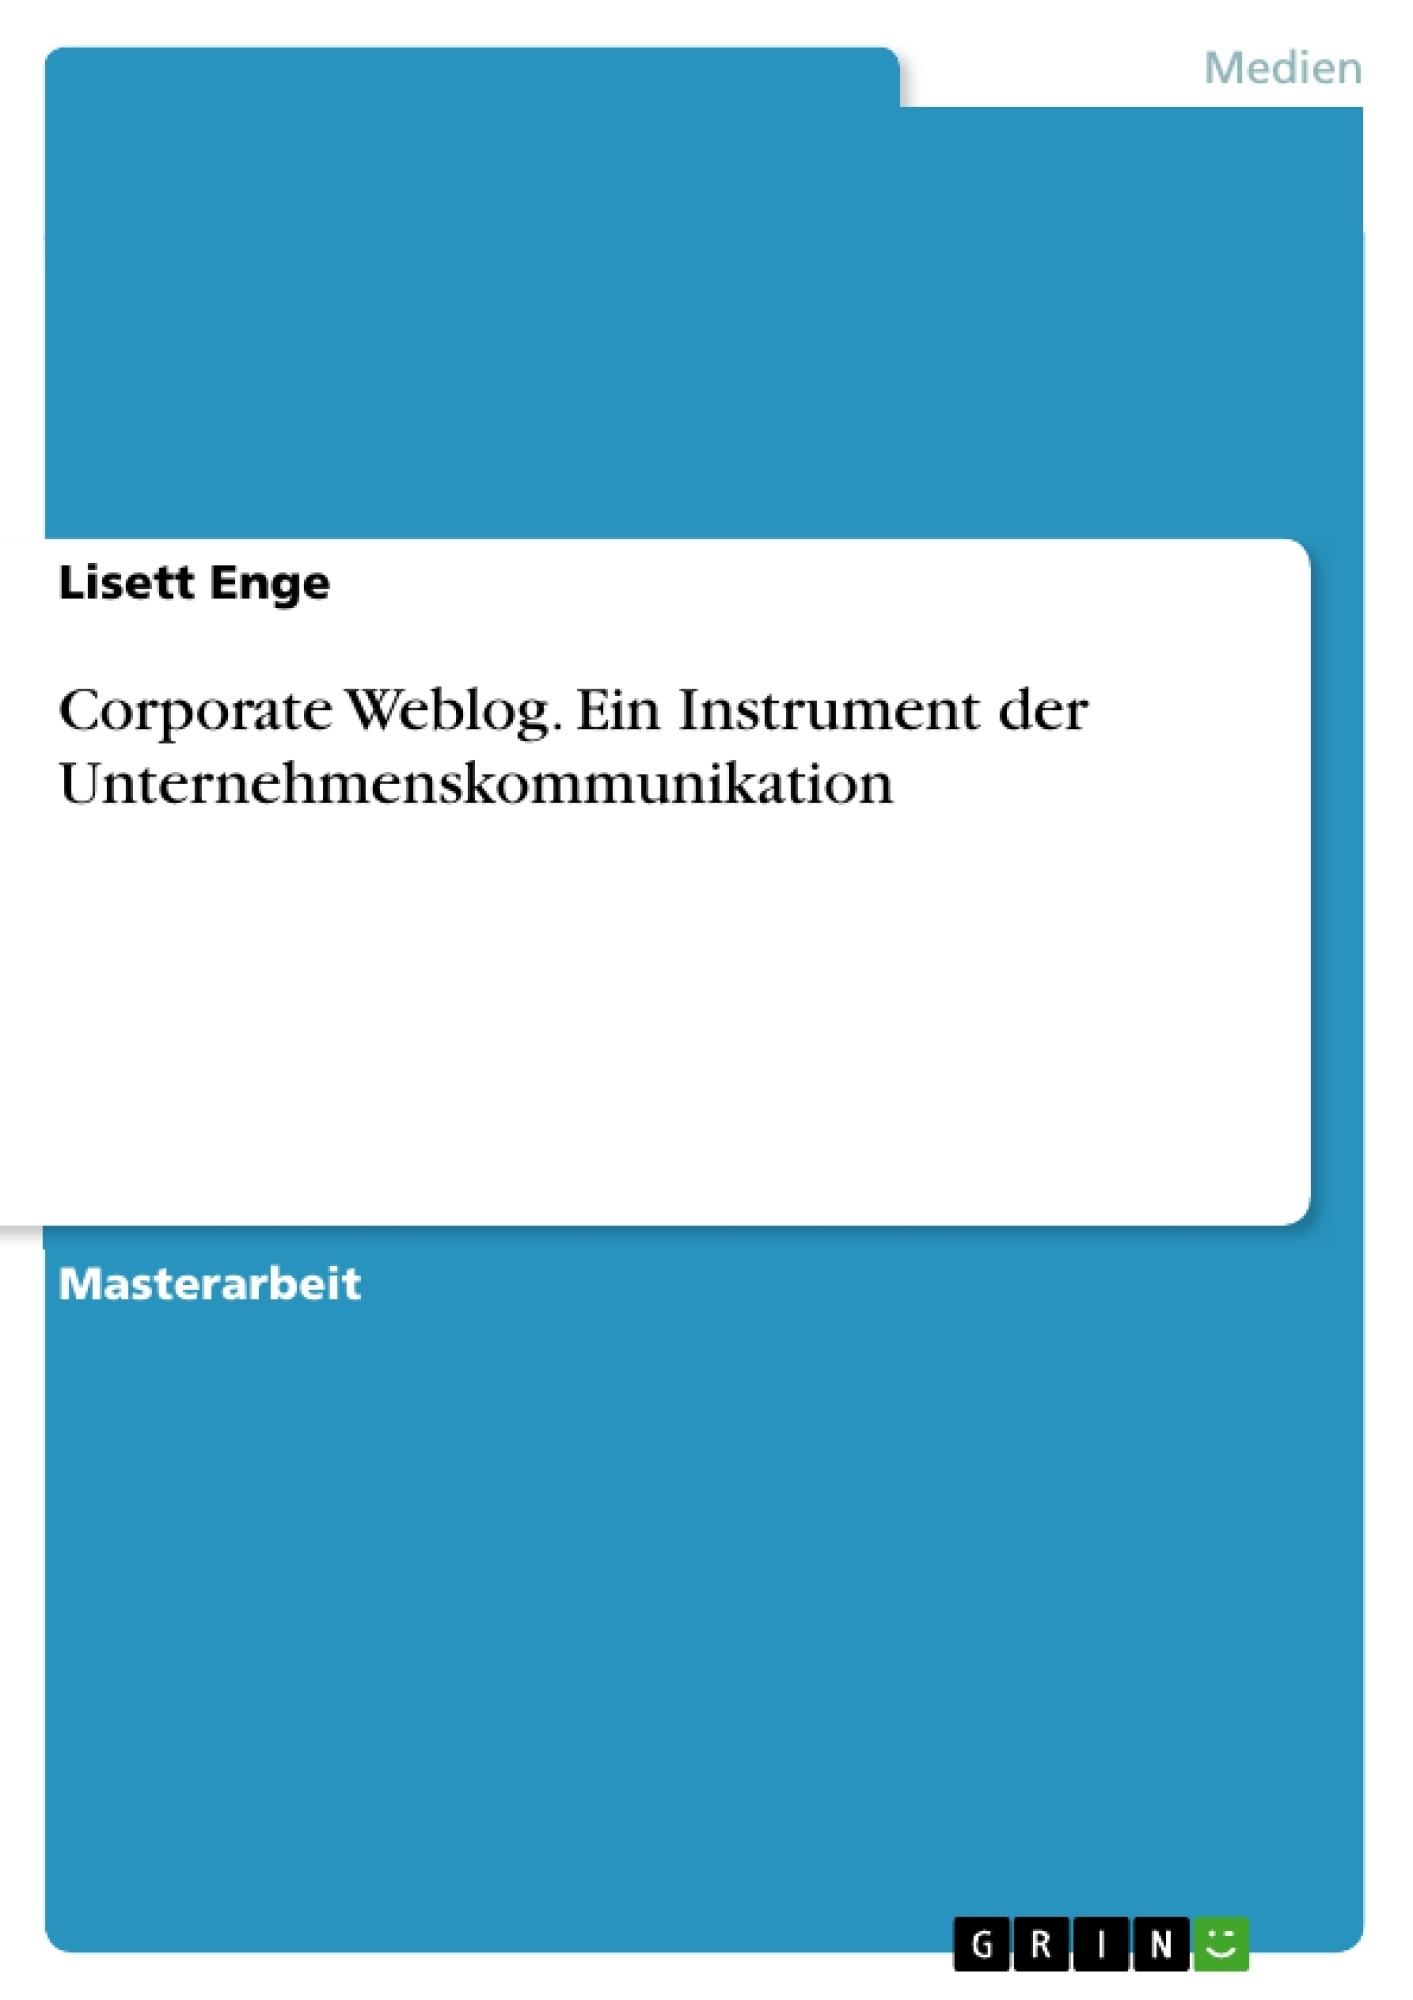 Titel: Corporate Weblog. Ein Instrument der Unternehmenskommunikation